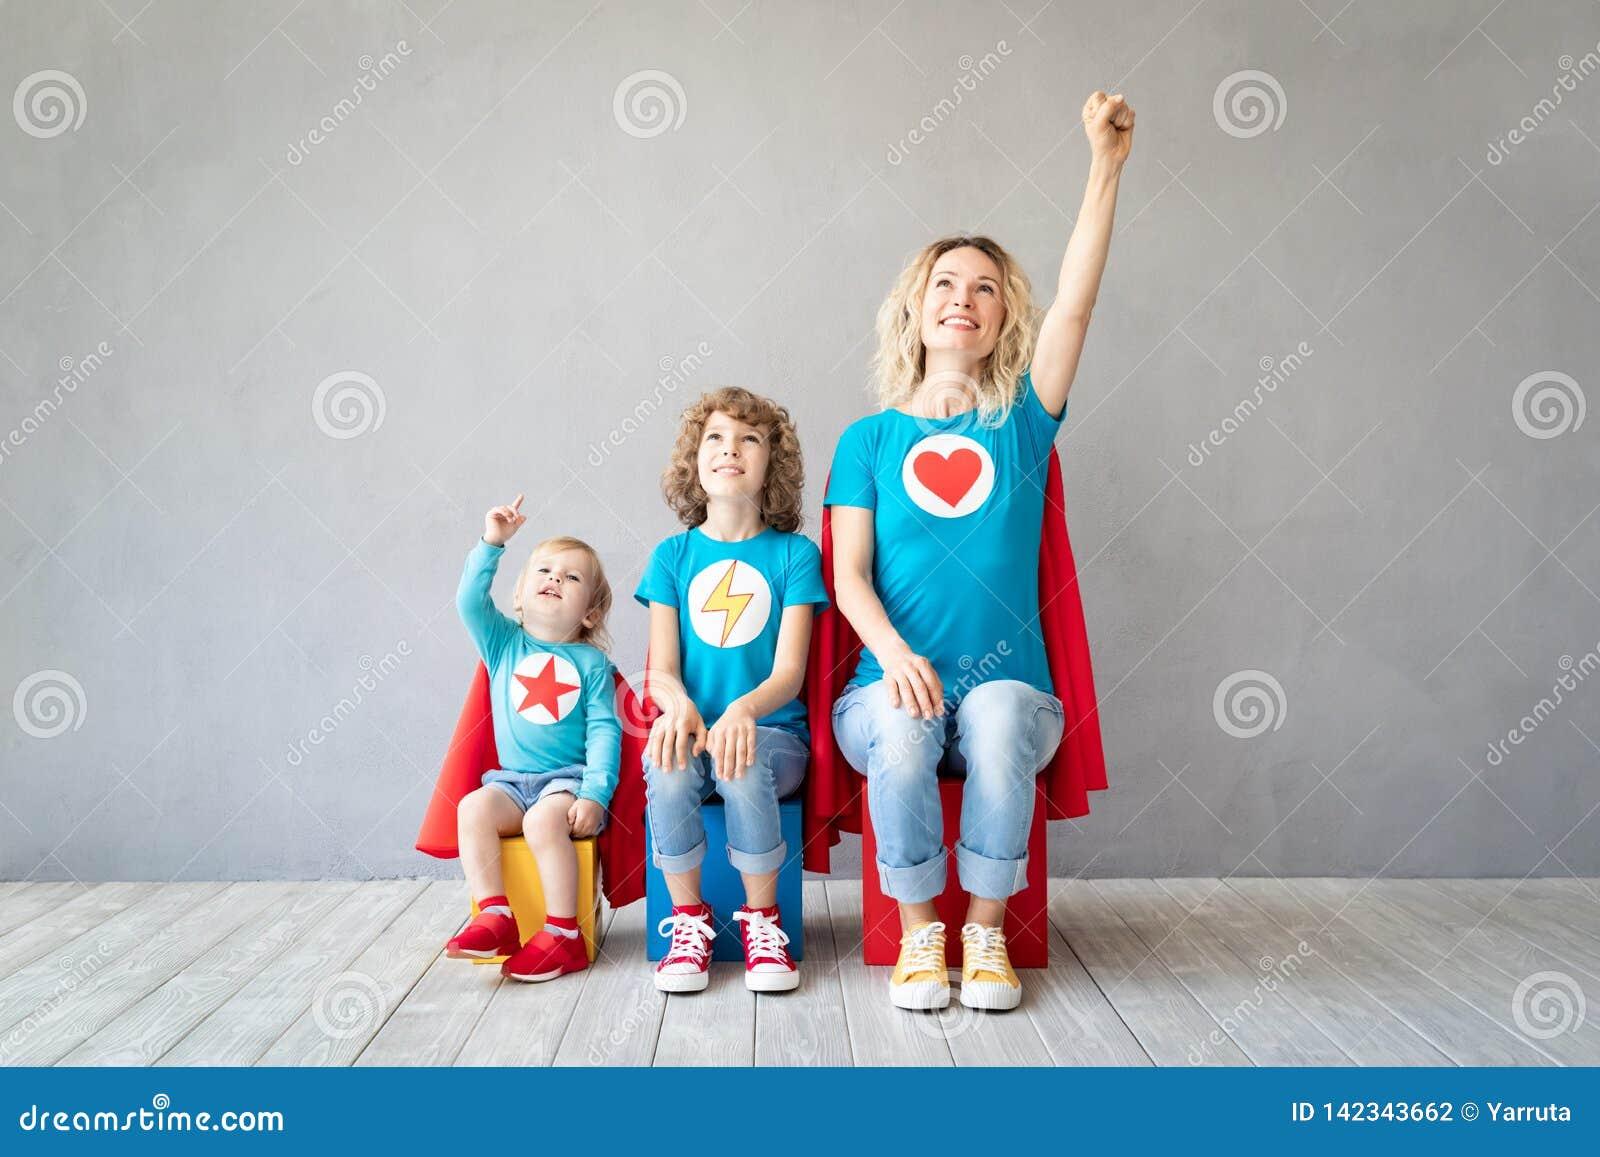 Familj av superheroes som hemma spelar